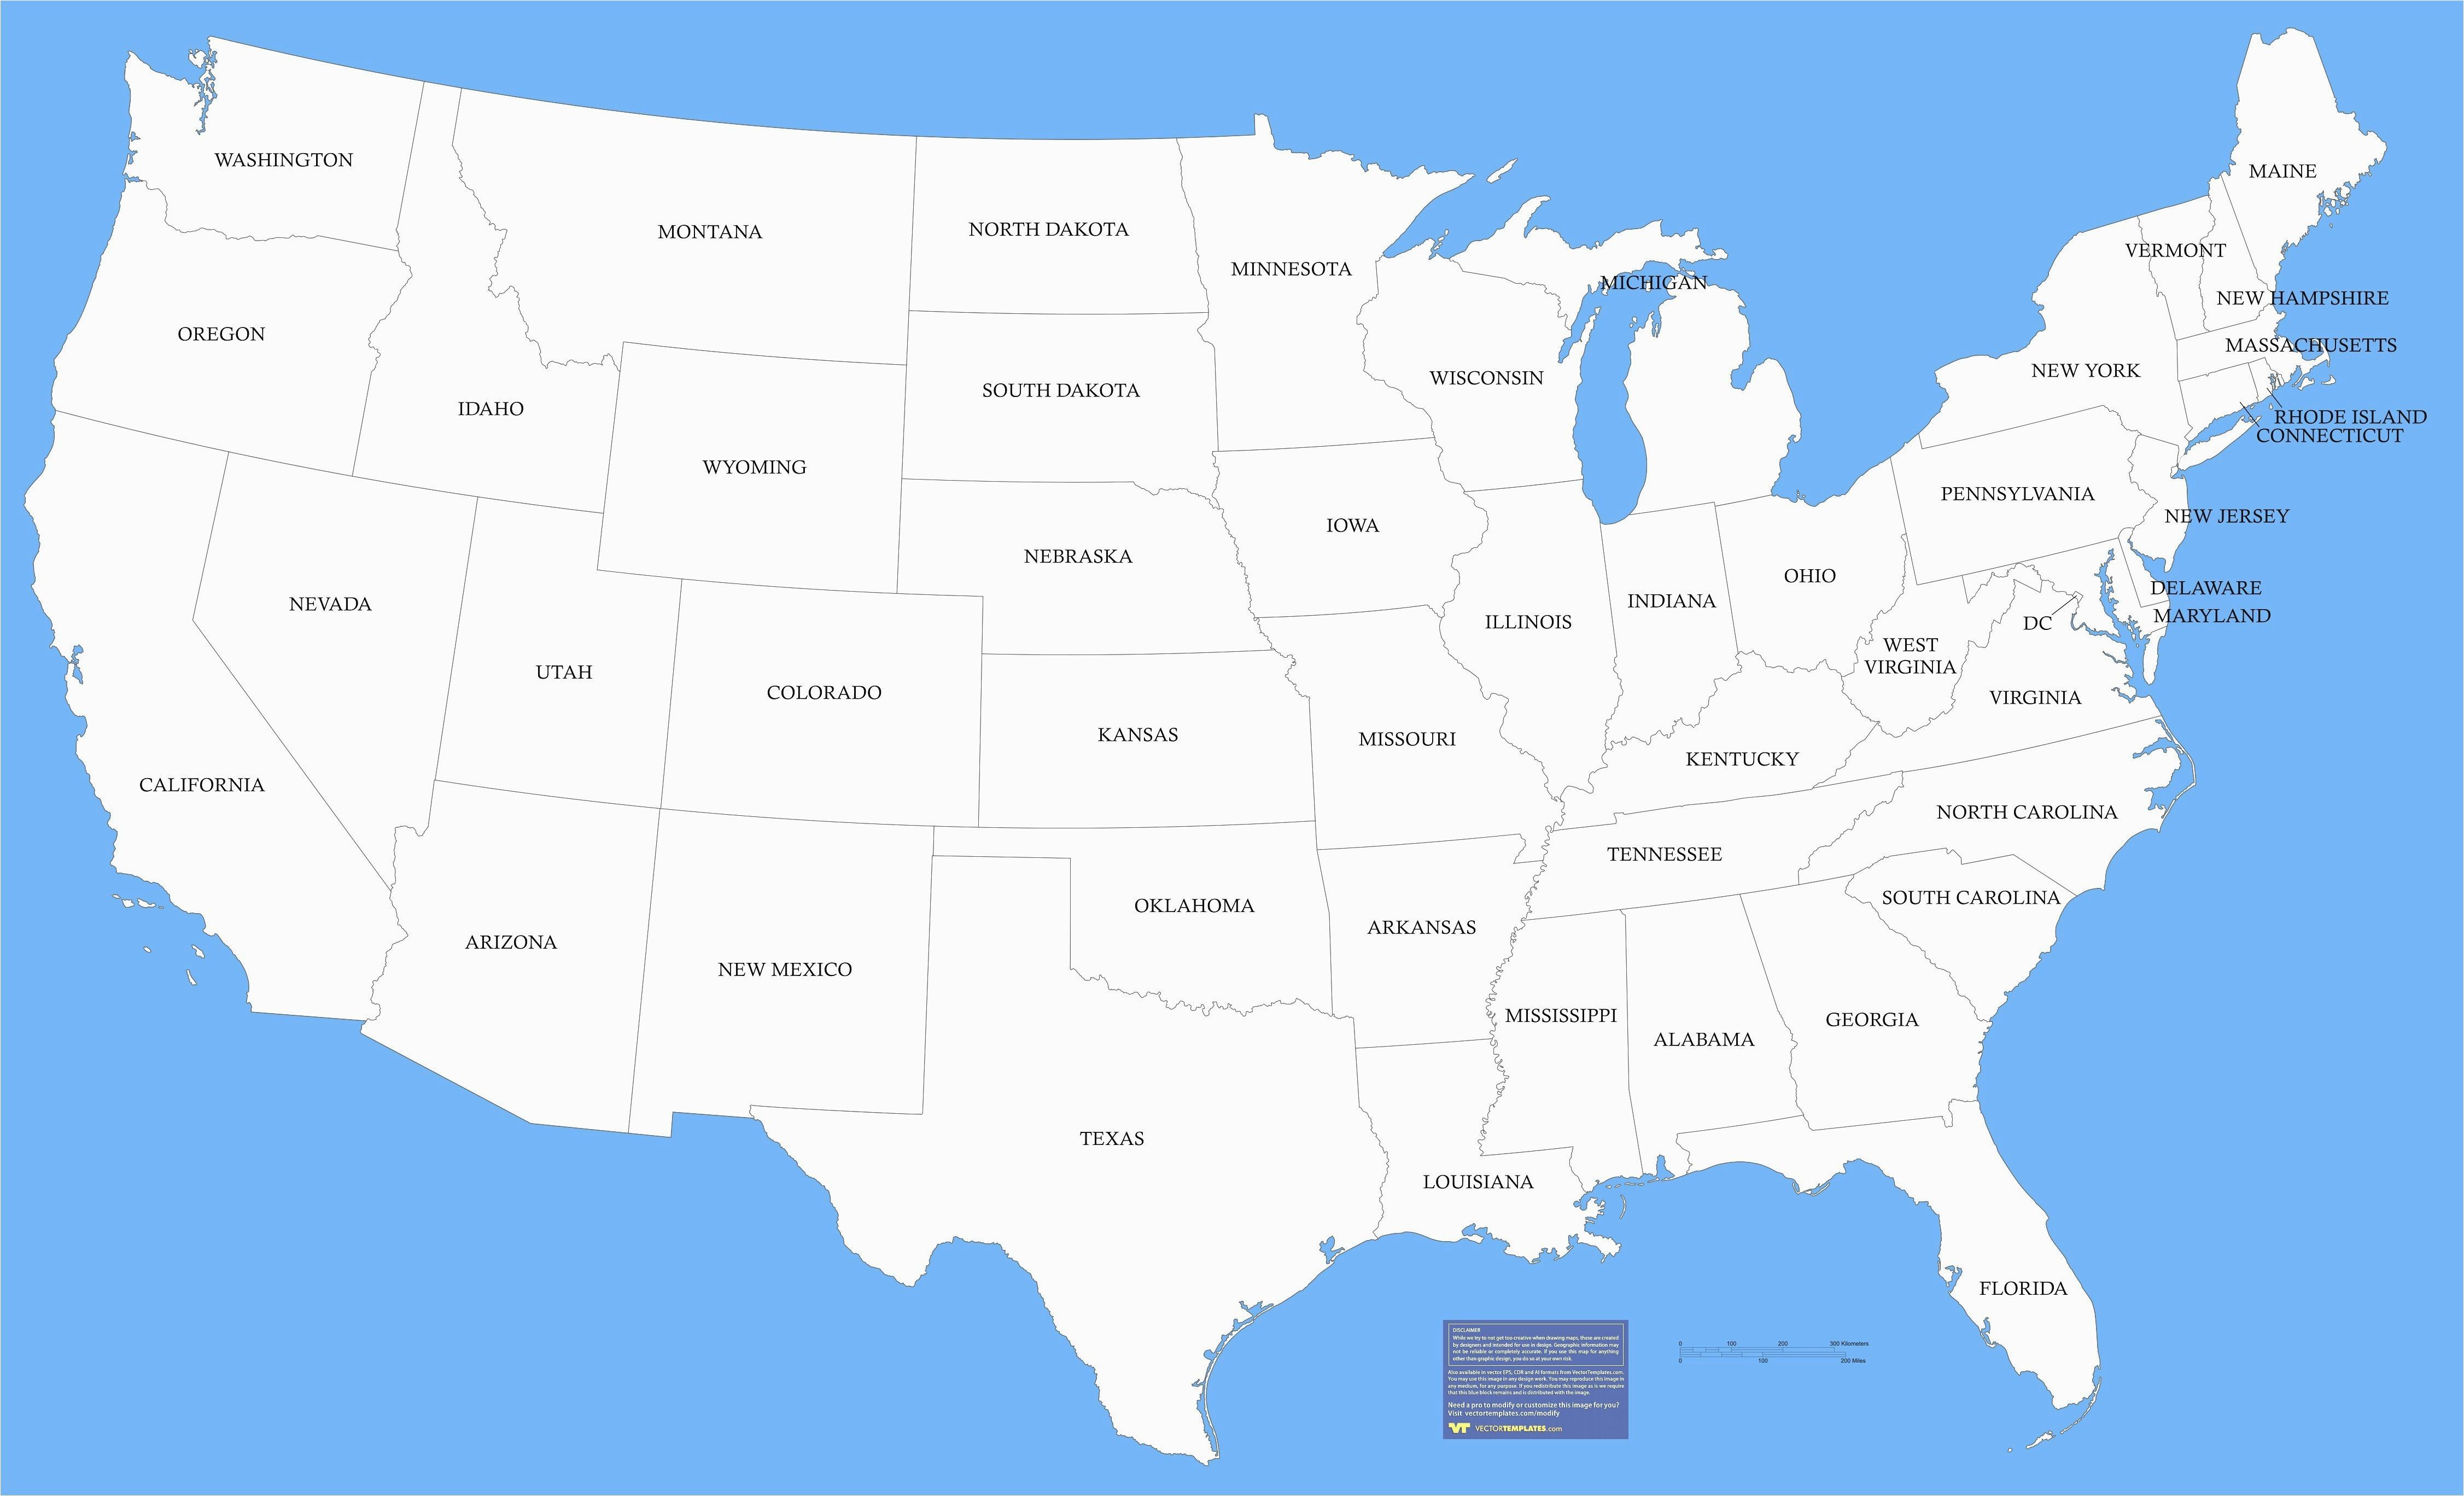 Large Map Of Arizona Large Maps Of the United States New A Map the United States New Map